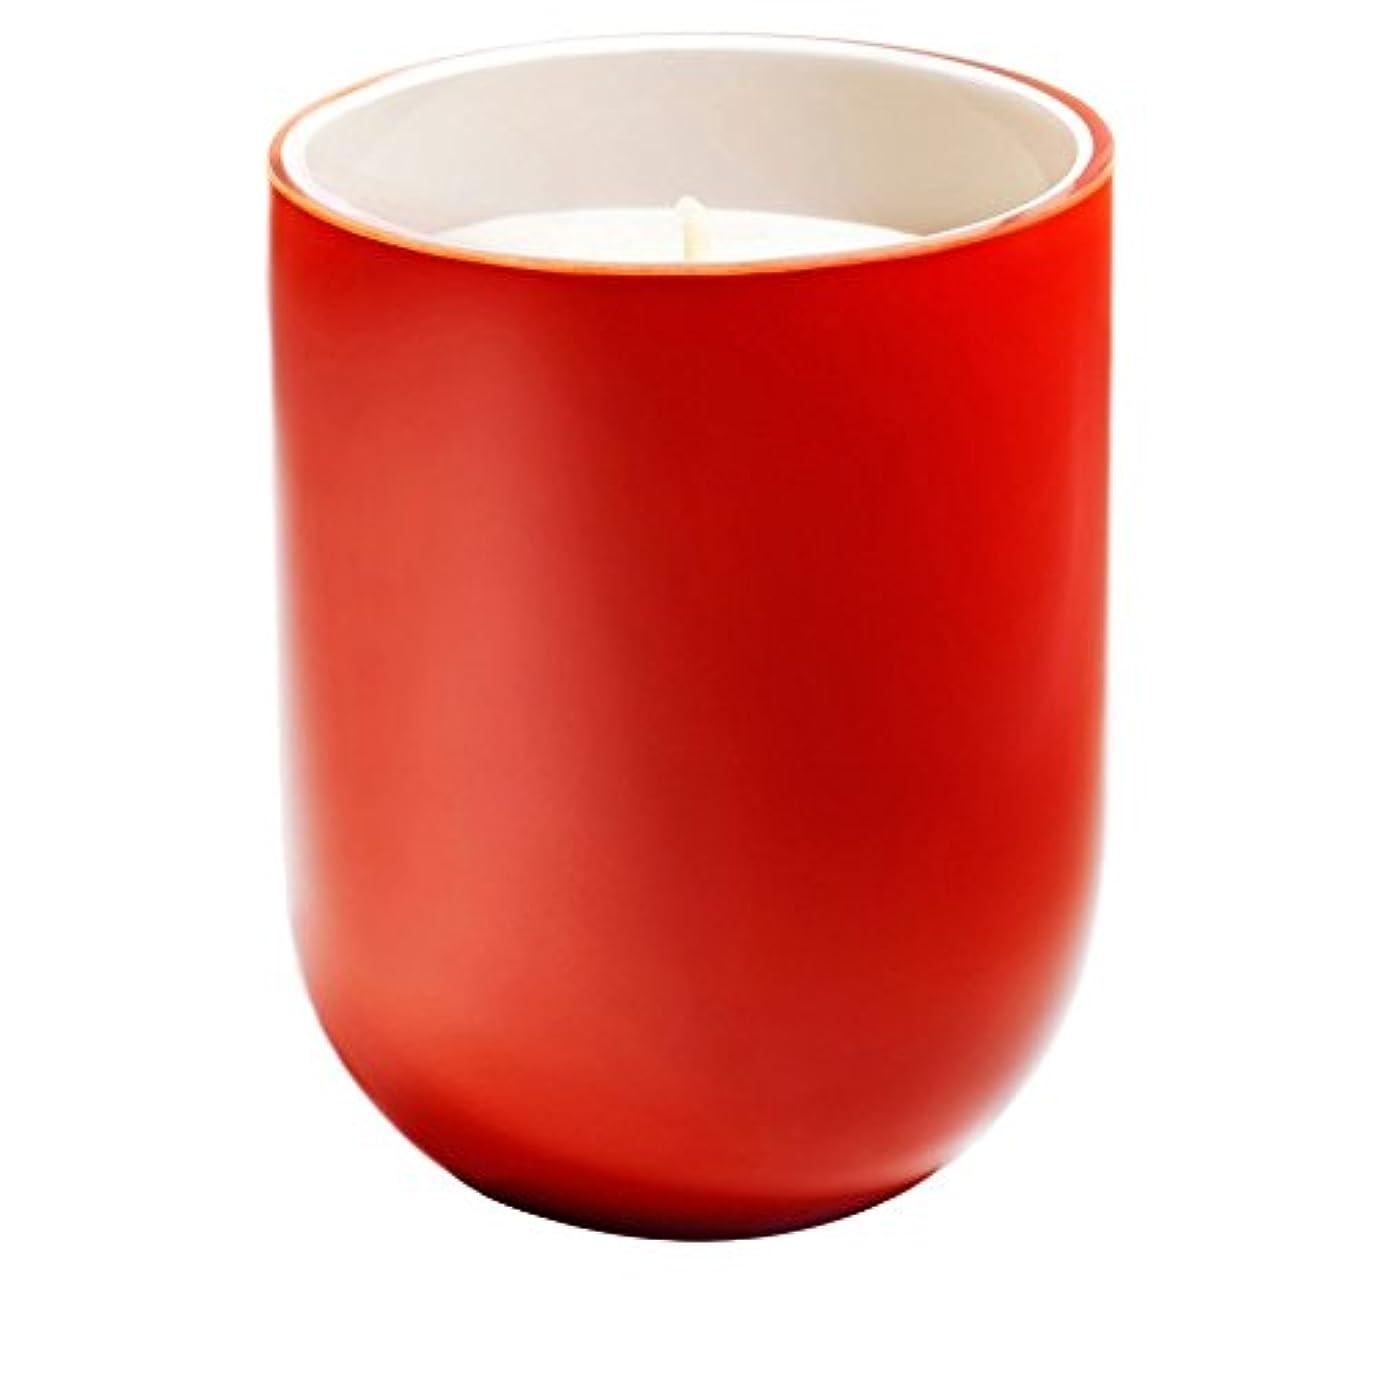 フェロー諸島心理的に音楽を聴くFrederic Malle Caf? Society Scented Candle (Pack of 4) - フレデリック?マルカフェ社会の香りのキャンドル x4 [並行輸入品]